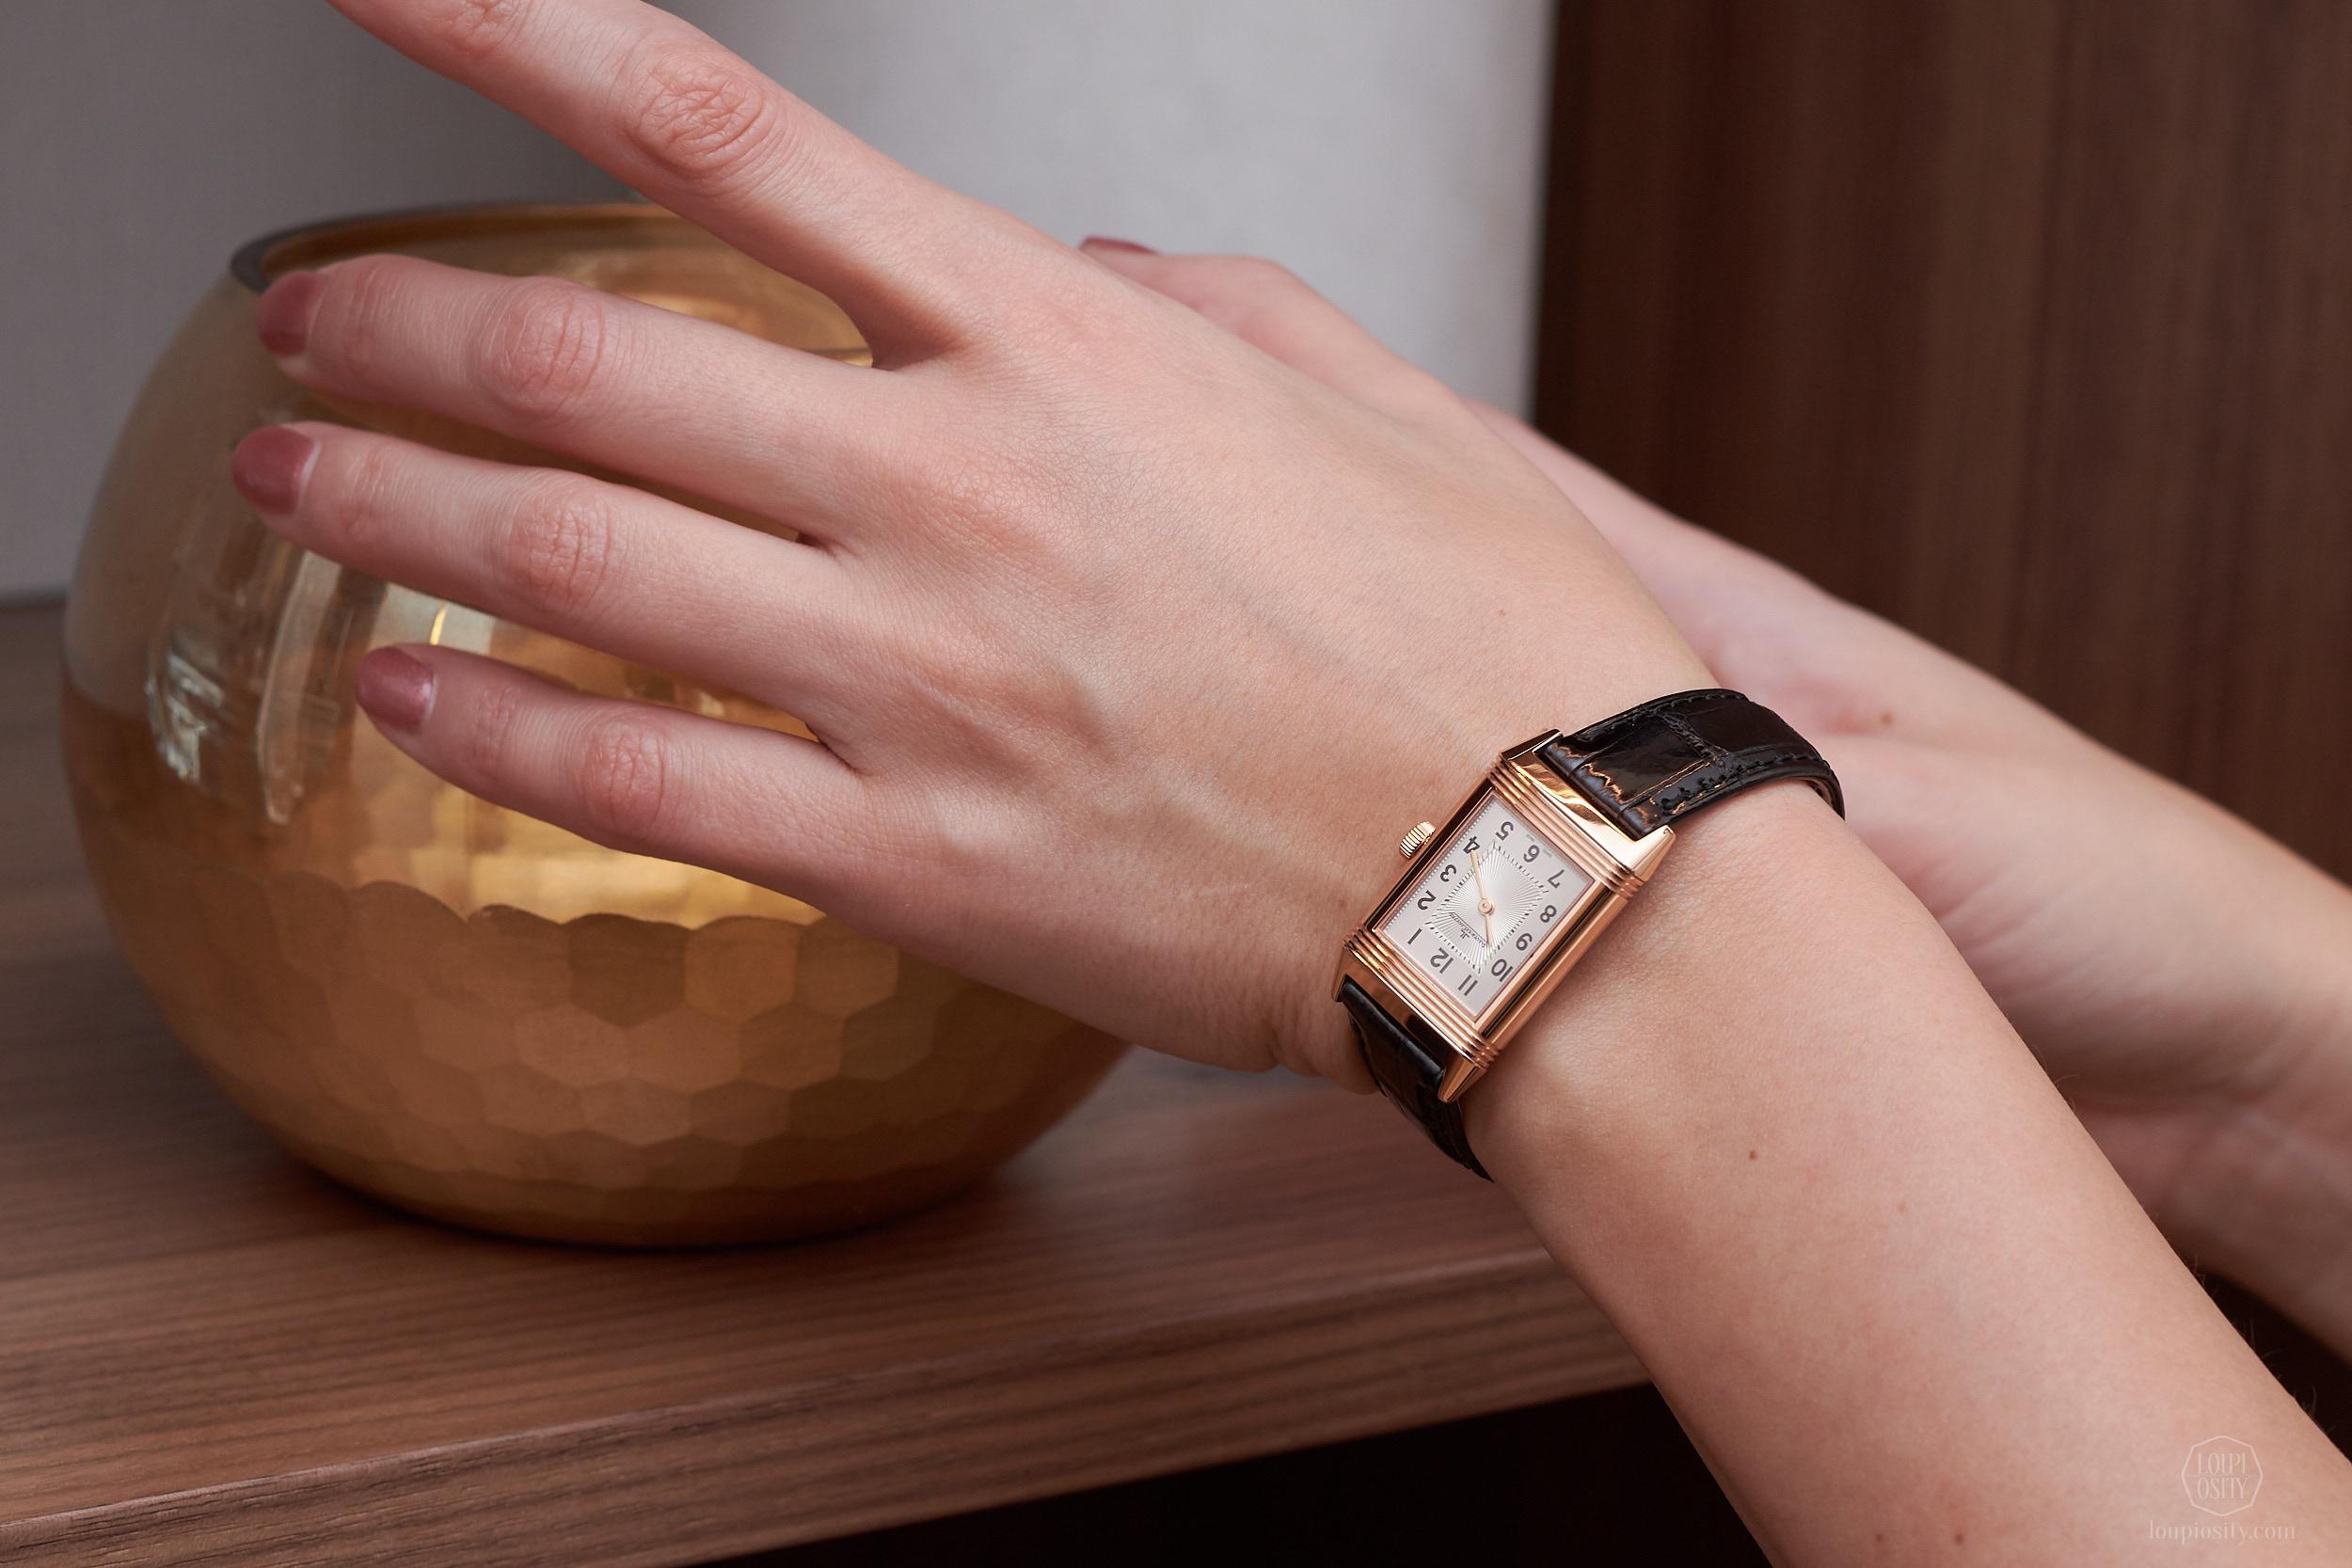 Gợi ý 6 chiếc đồng hồ sang trọng mang vẻ đẹp vượt thời gian dành cho phái đẹp